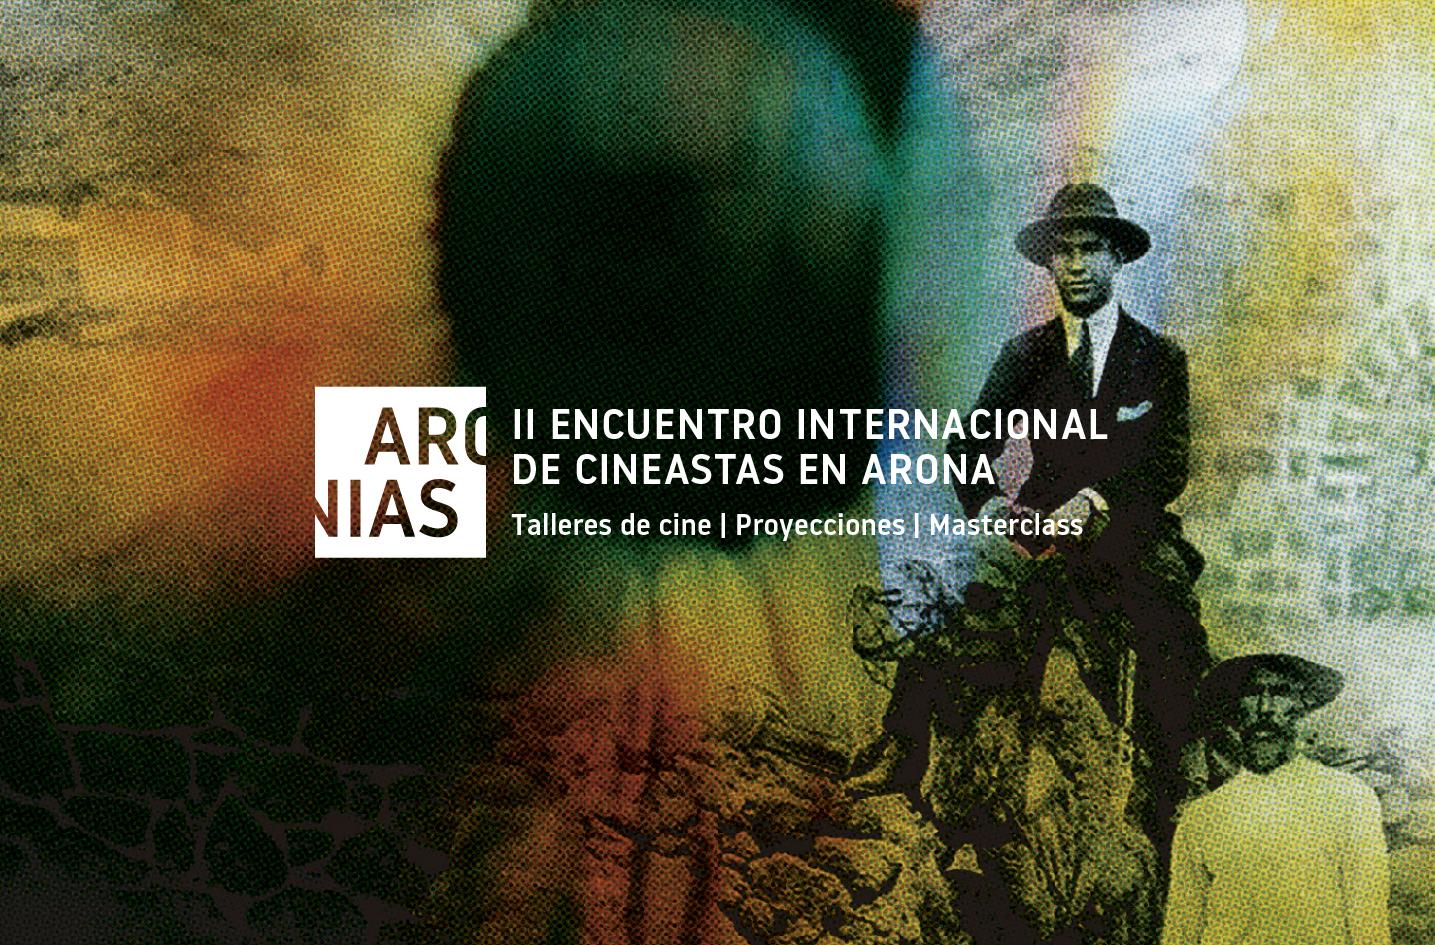 cabecera_aronias